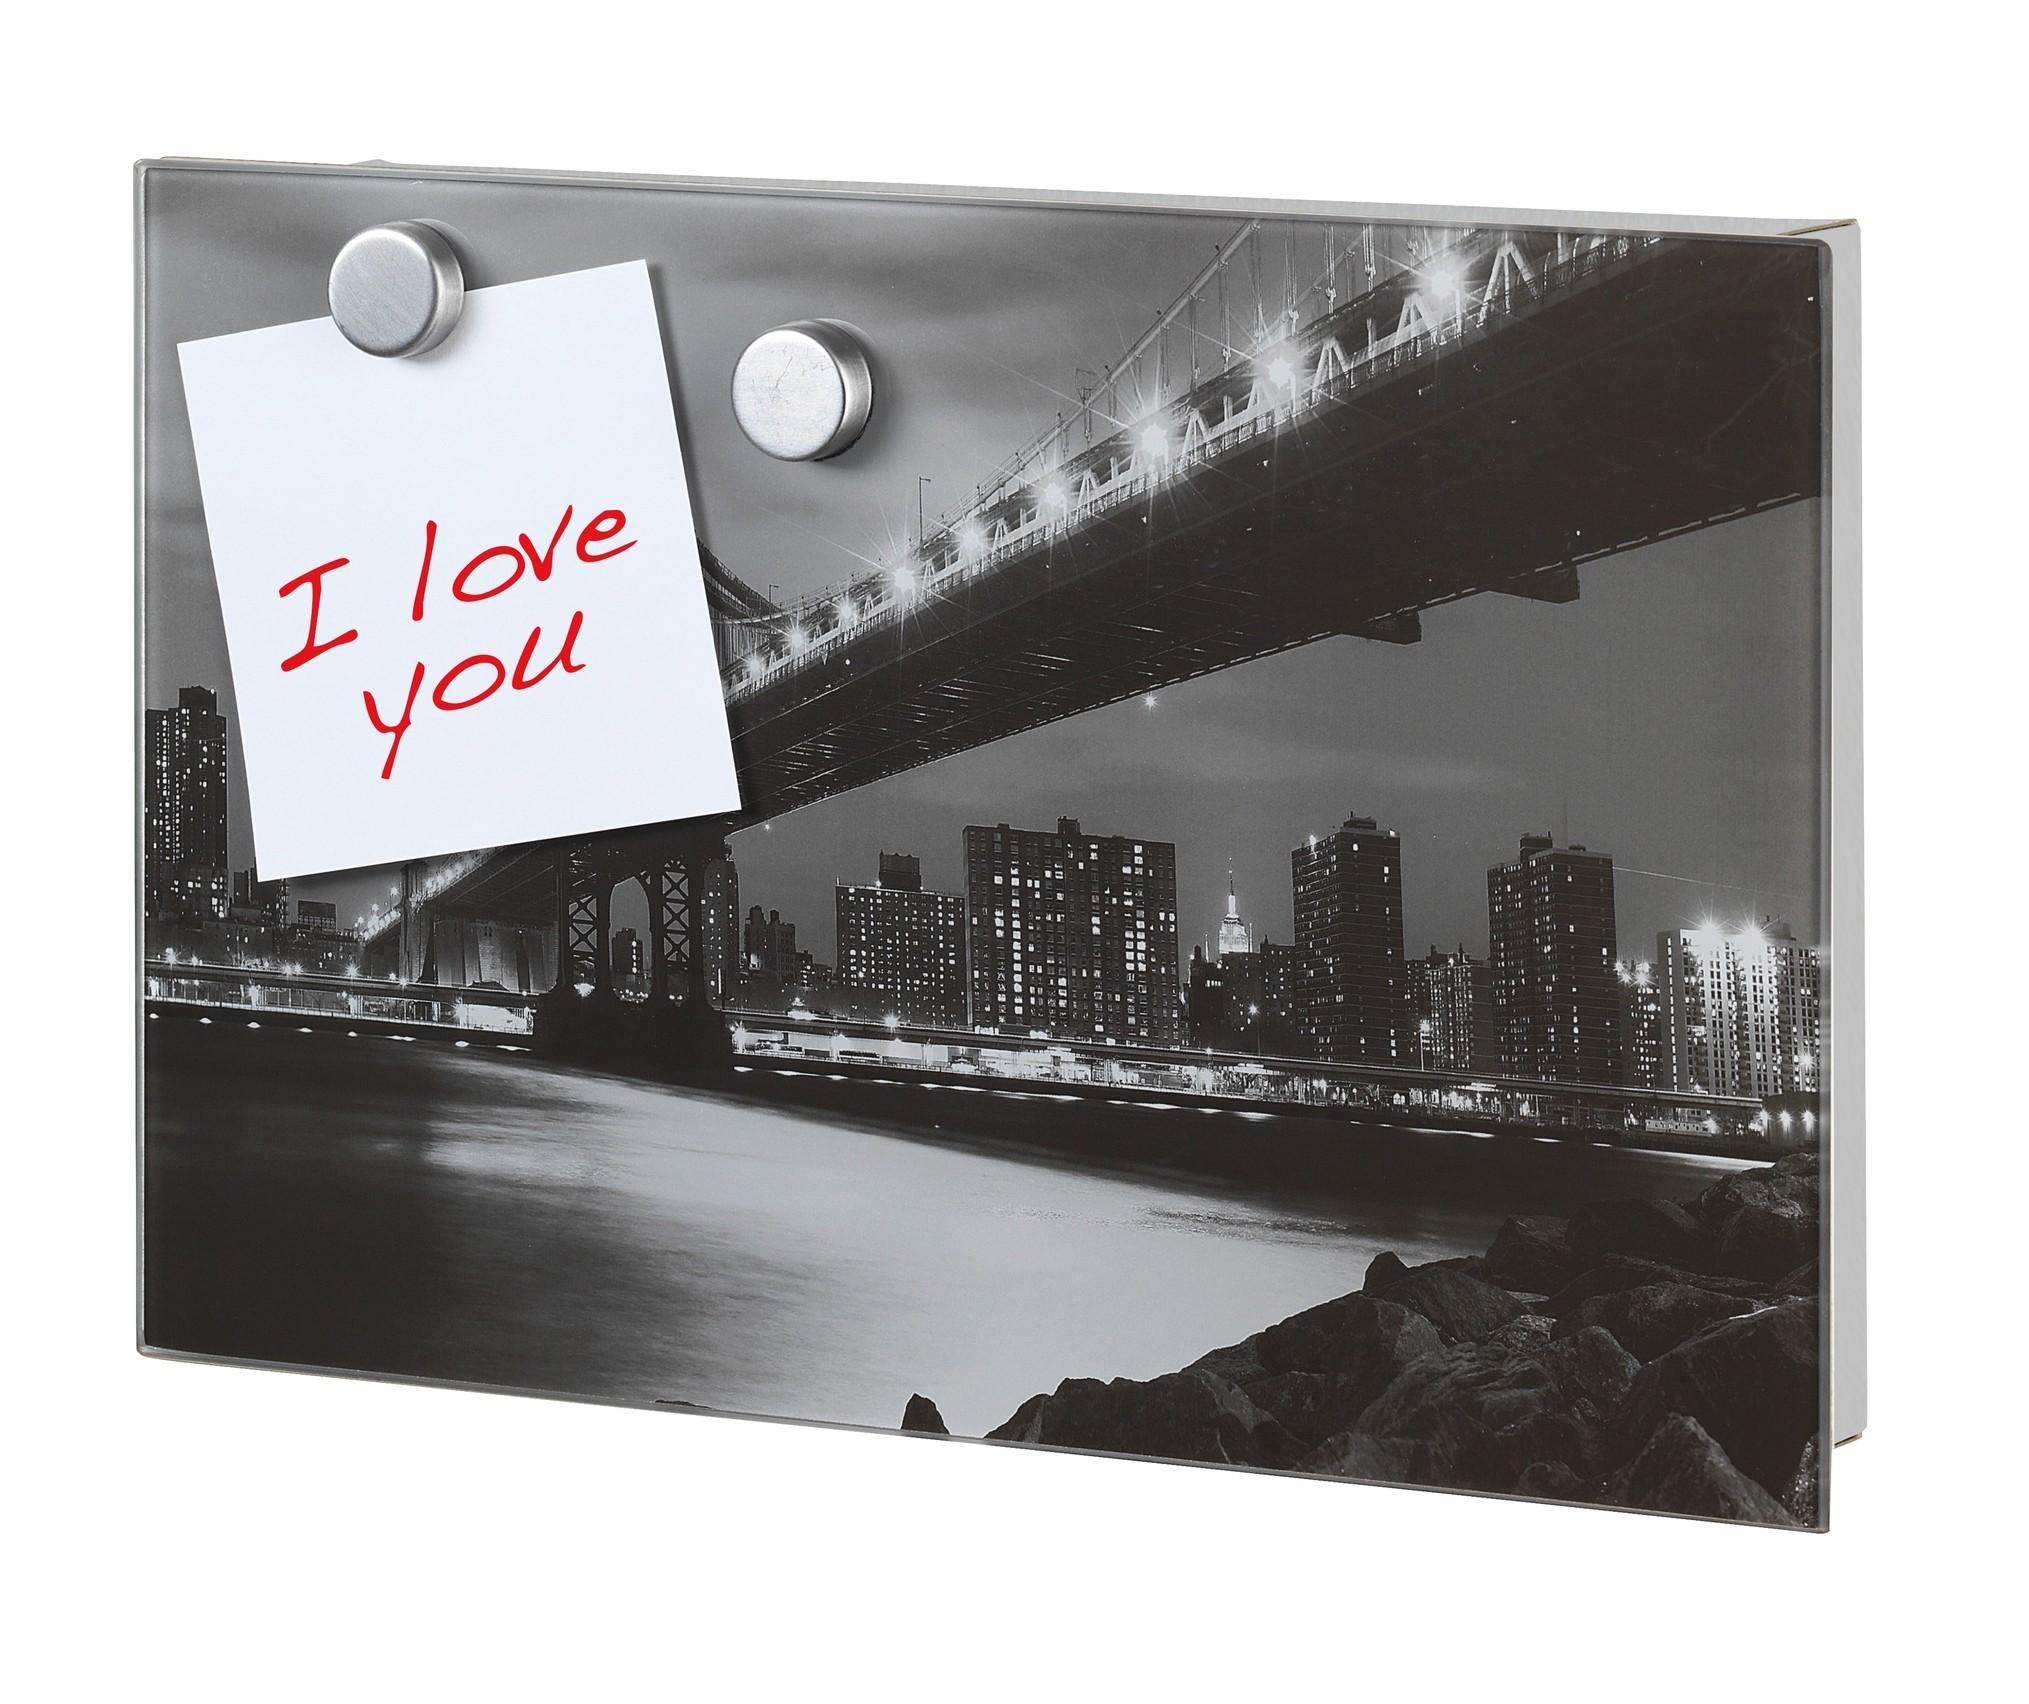 Wenko Schlüsselkasten Manhattan Bridge, magnetisch, 30 x 20 cm